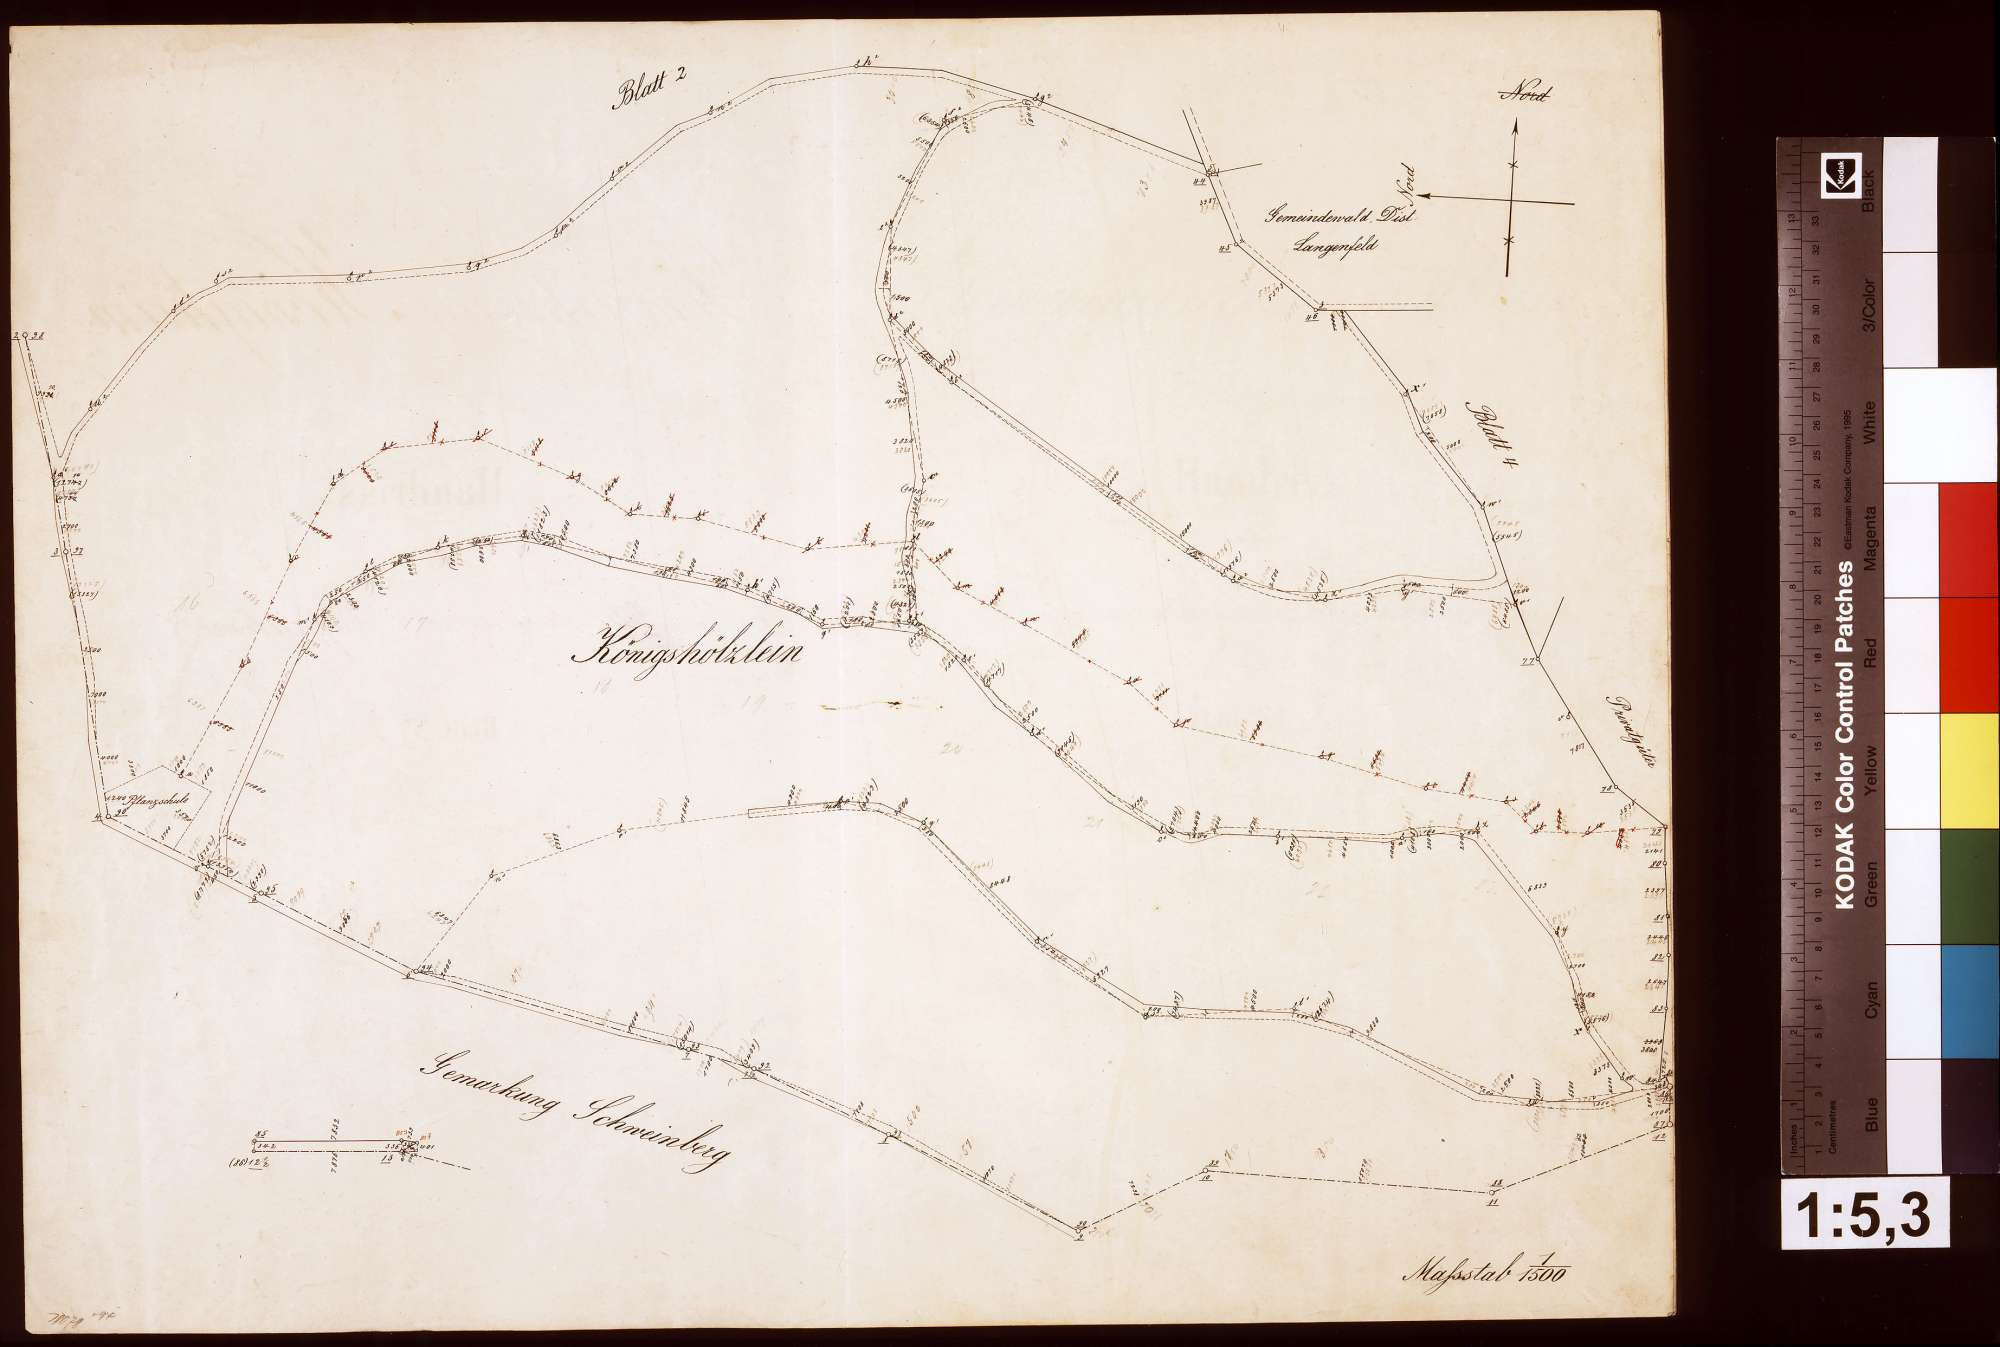 Stückweise Aufnahme der Gemarkung Königheim, Blatt 1